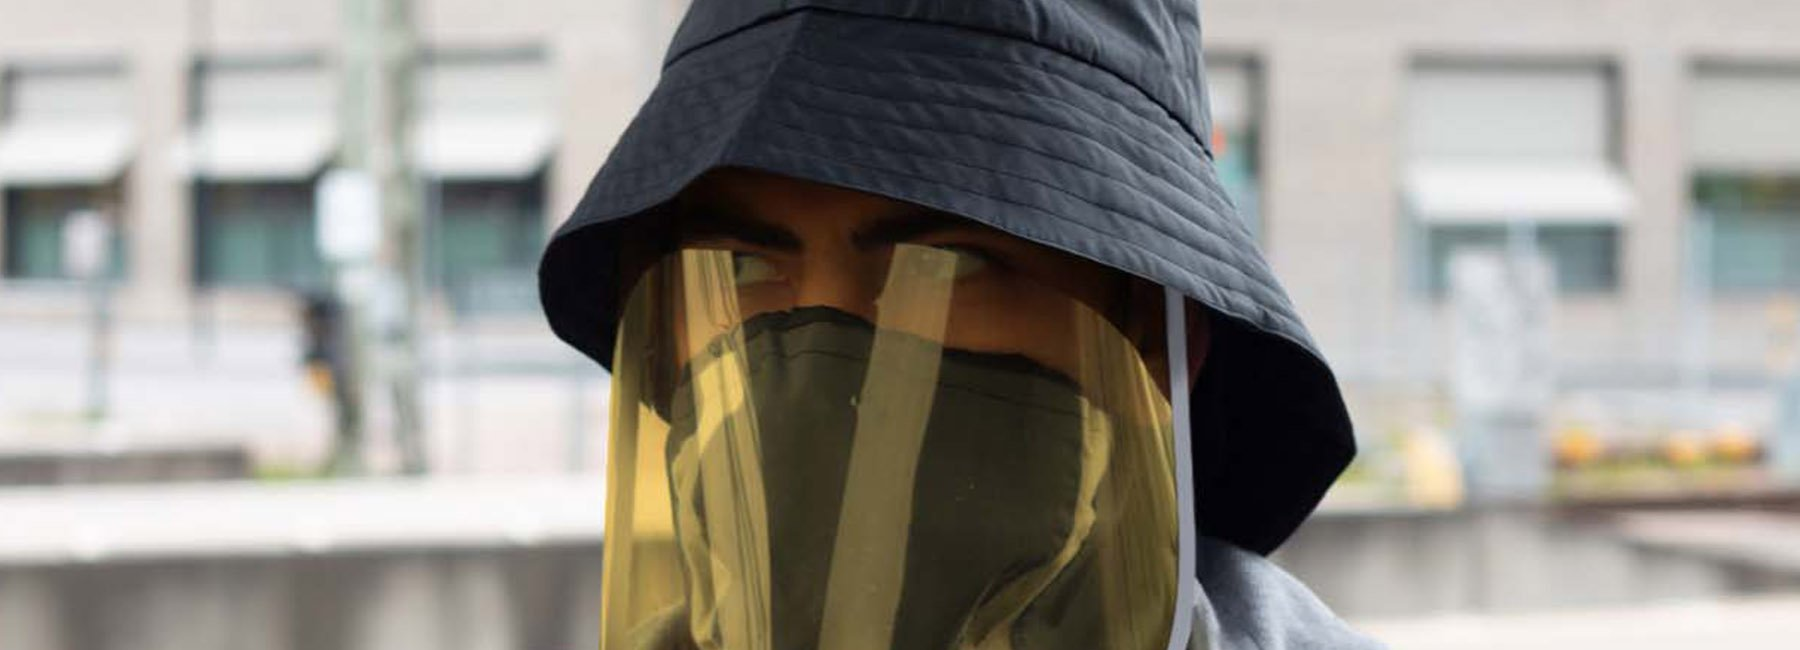 自带口罩和喷嚏袖的防护装备